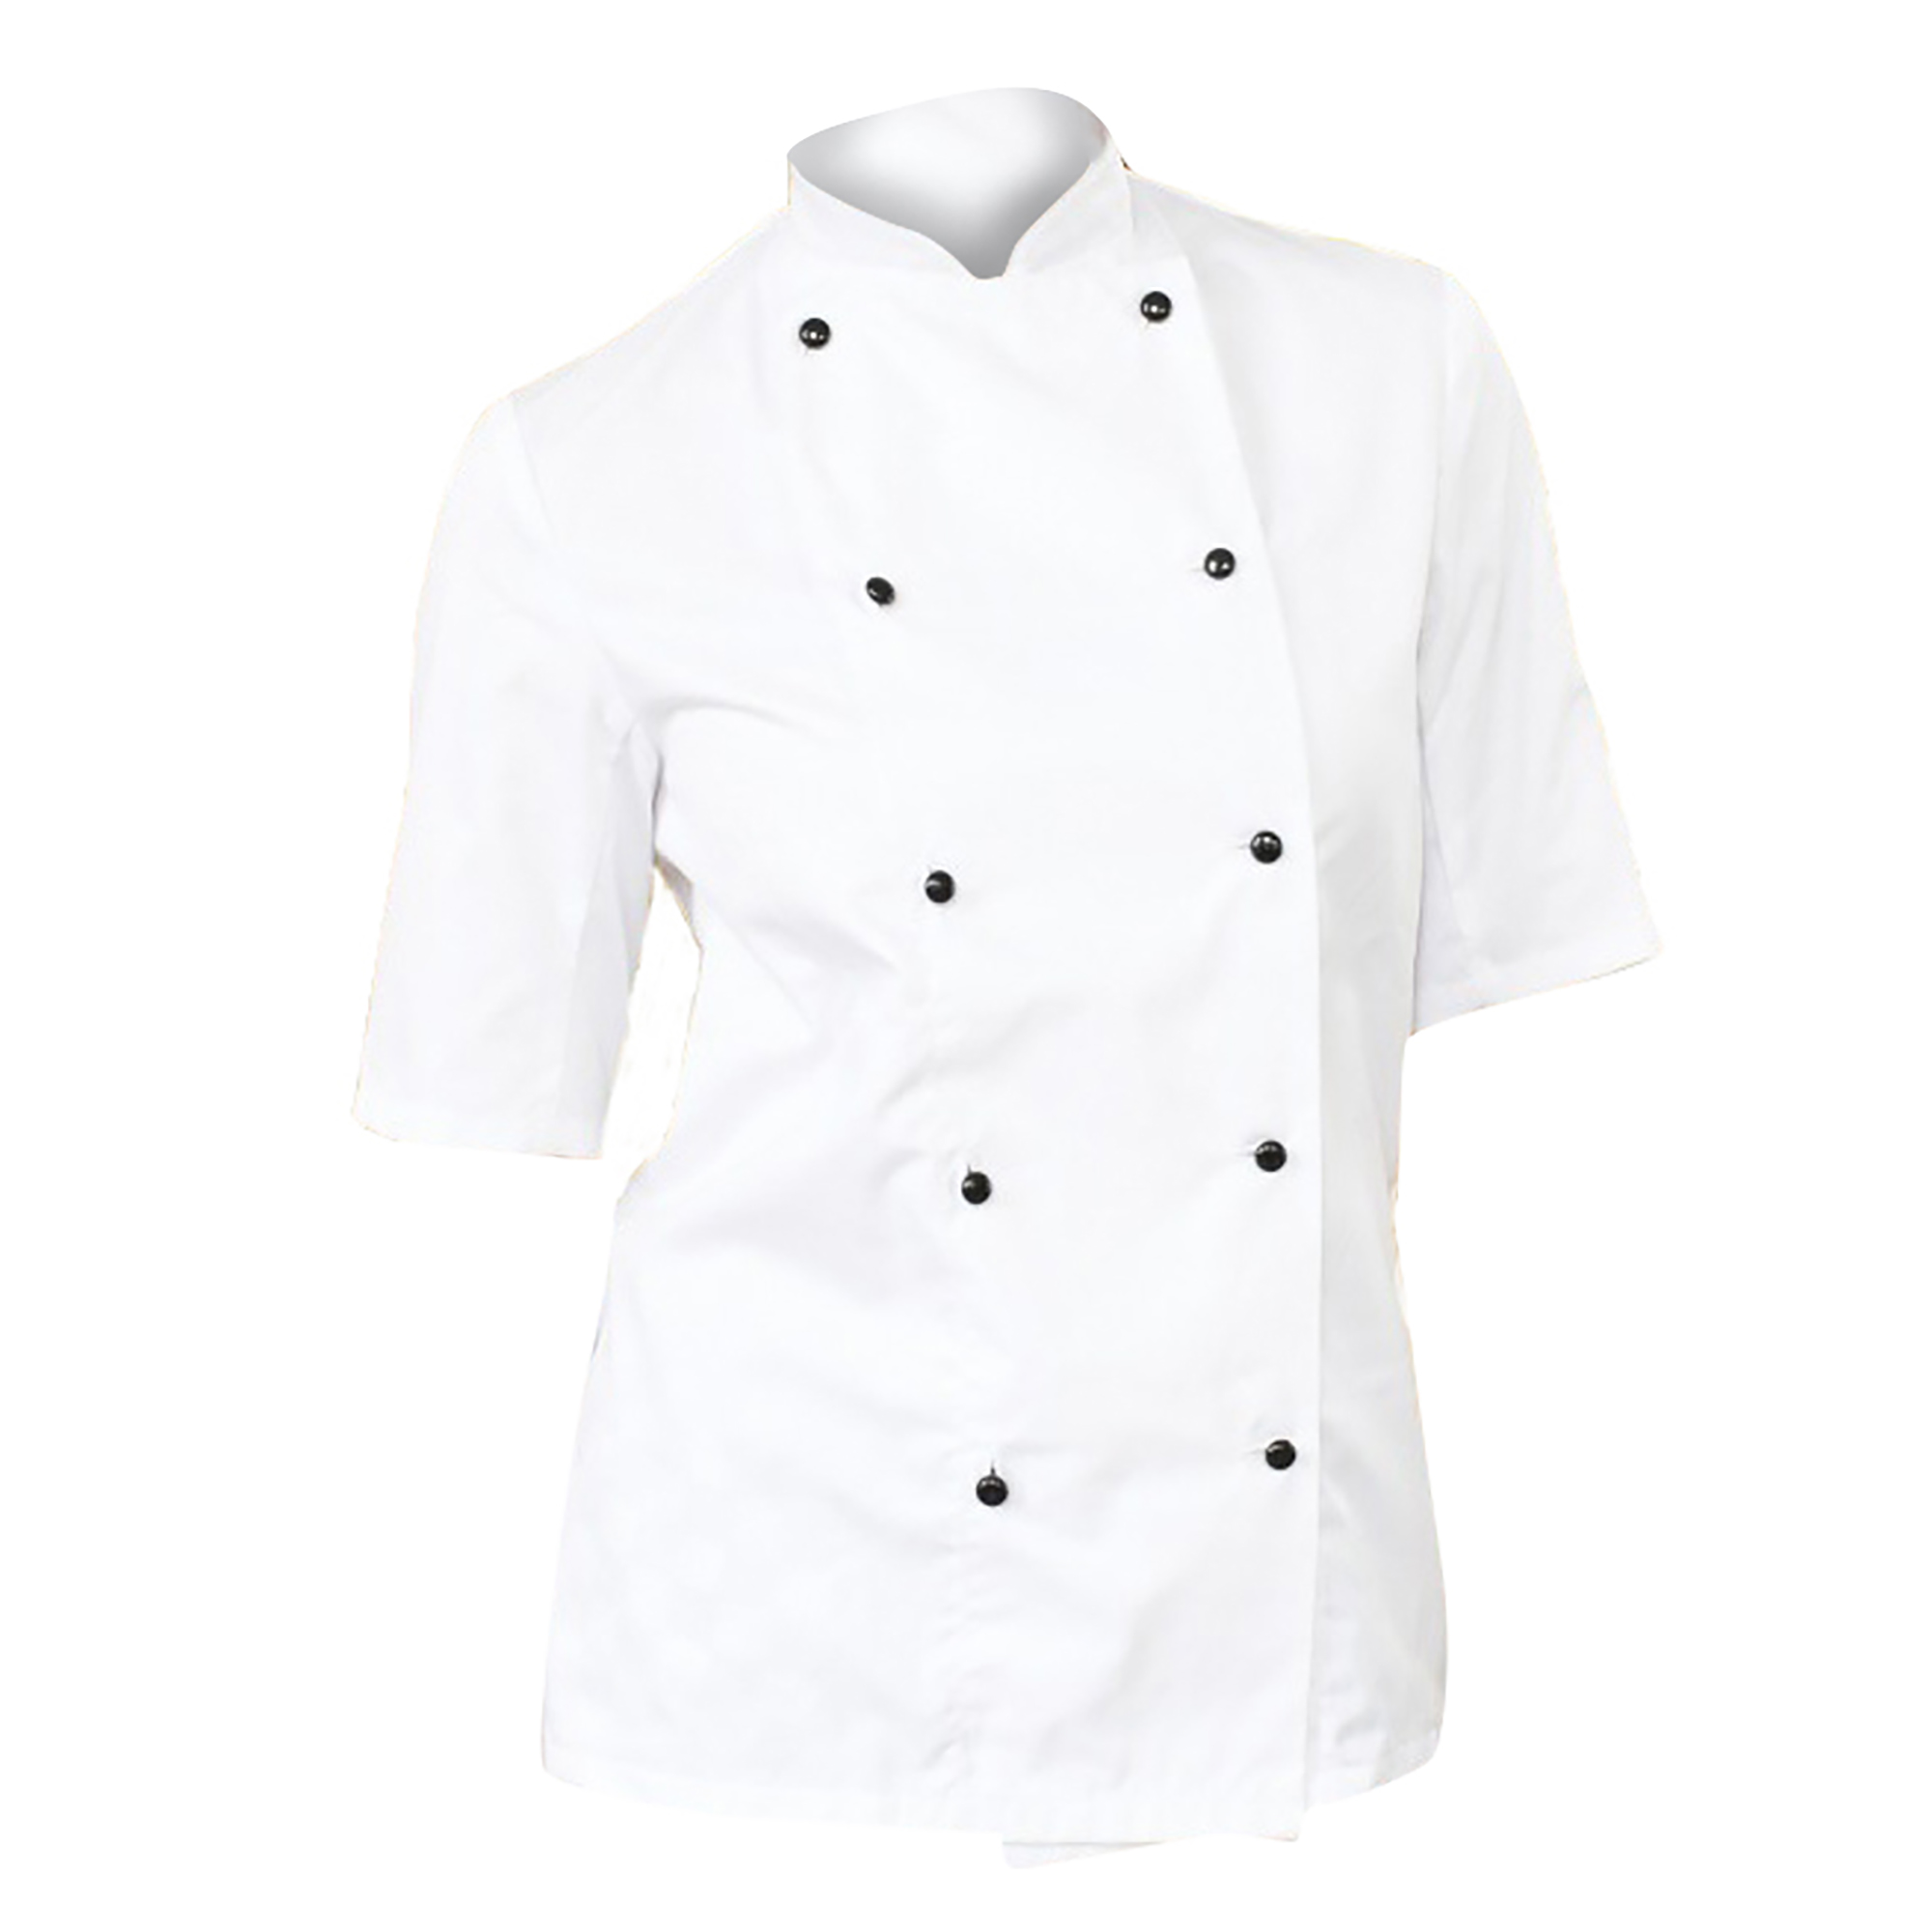 Dennys Womens/Ladies Lightweight Short Sleeve Chefs Jacket / Chefswear (3XL) (White)